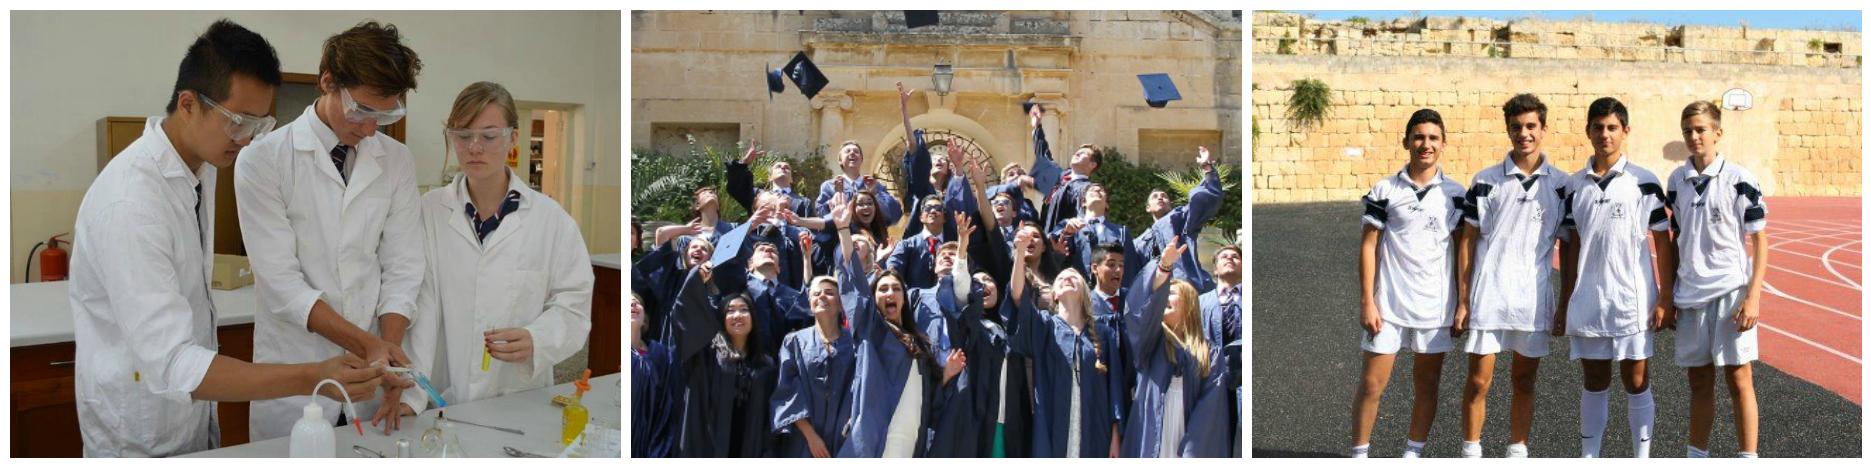 коллаж об обучении в средних школах на Мальте